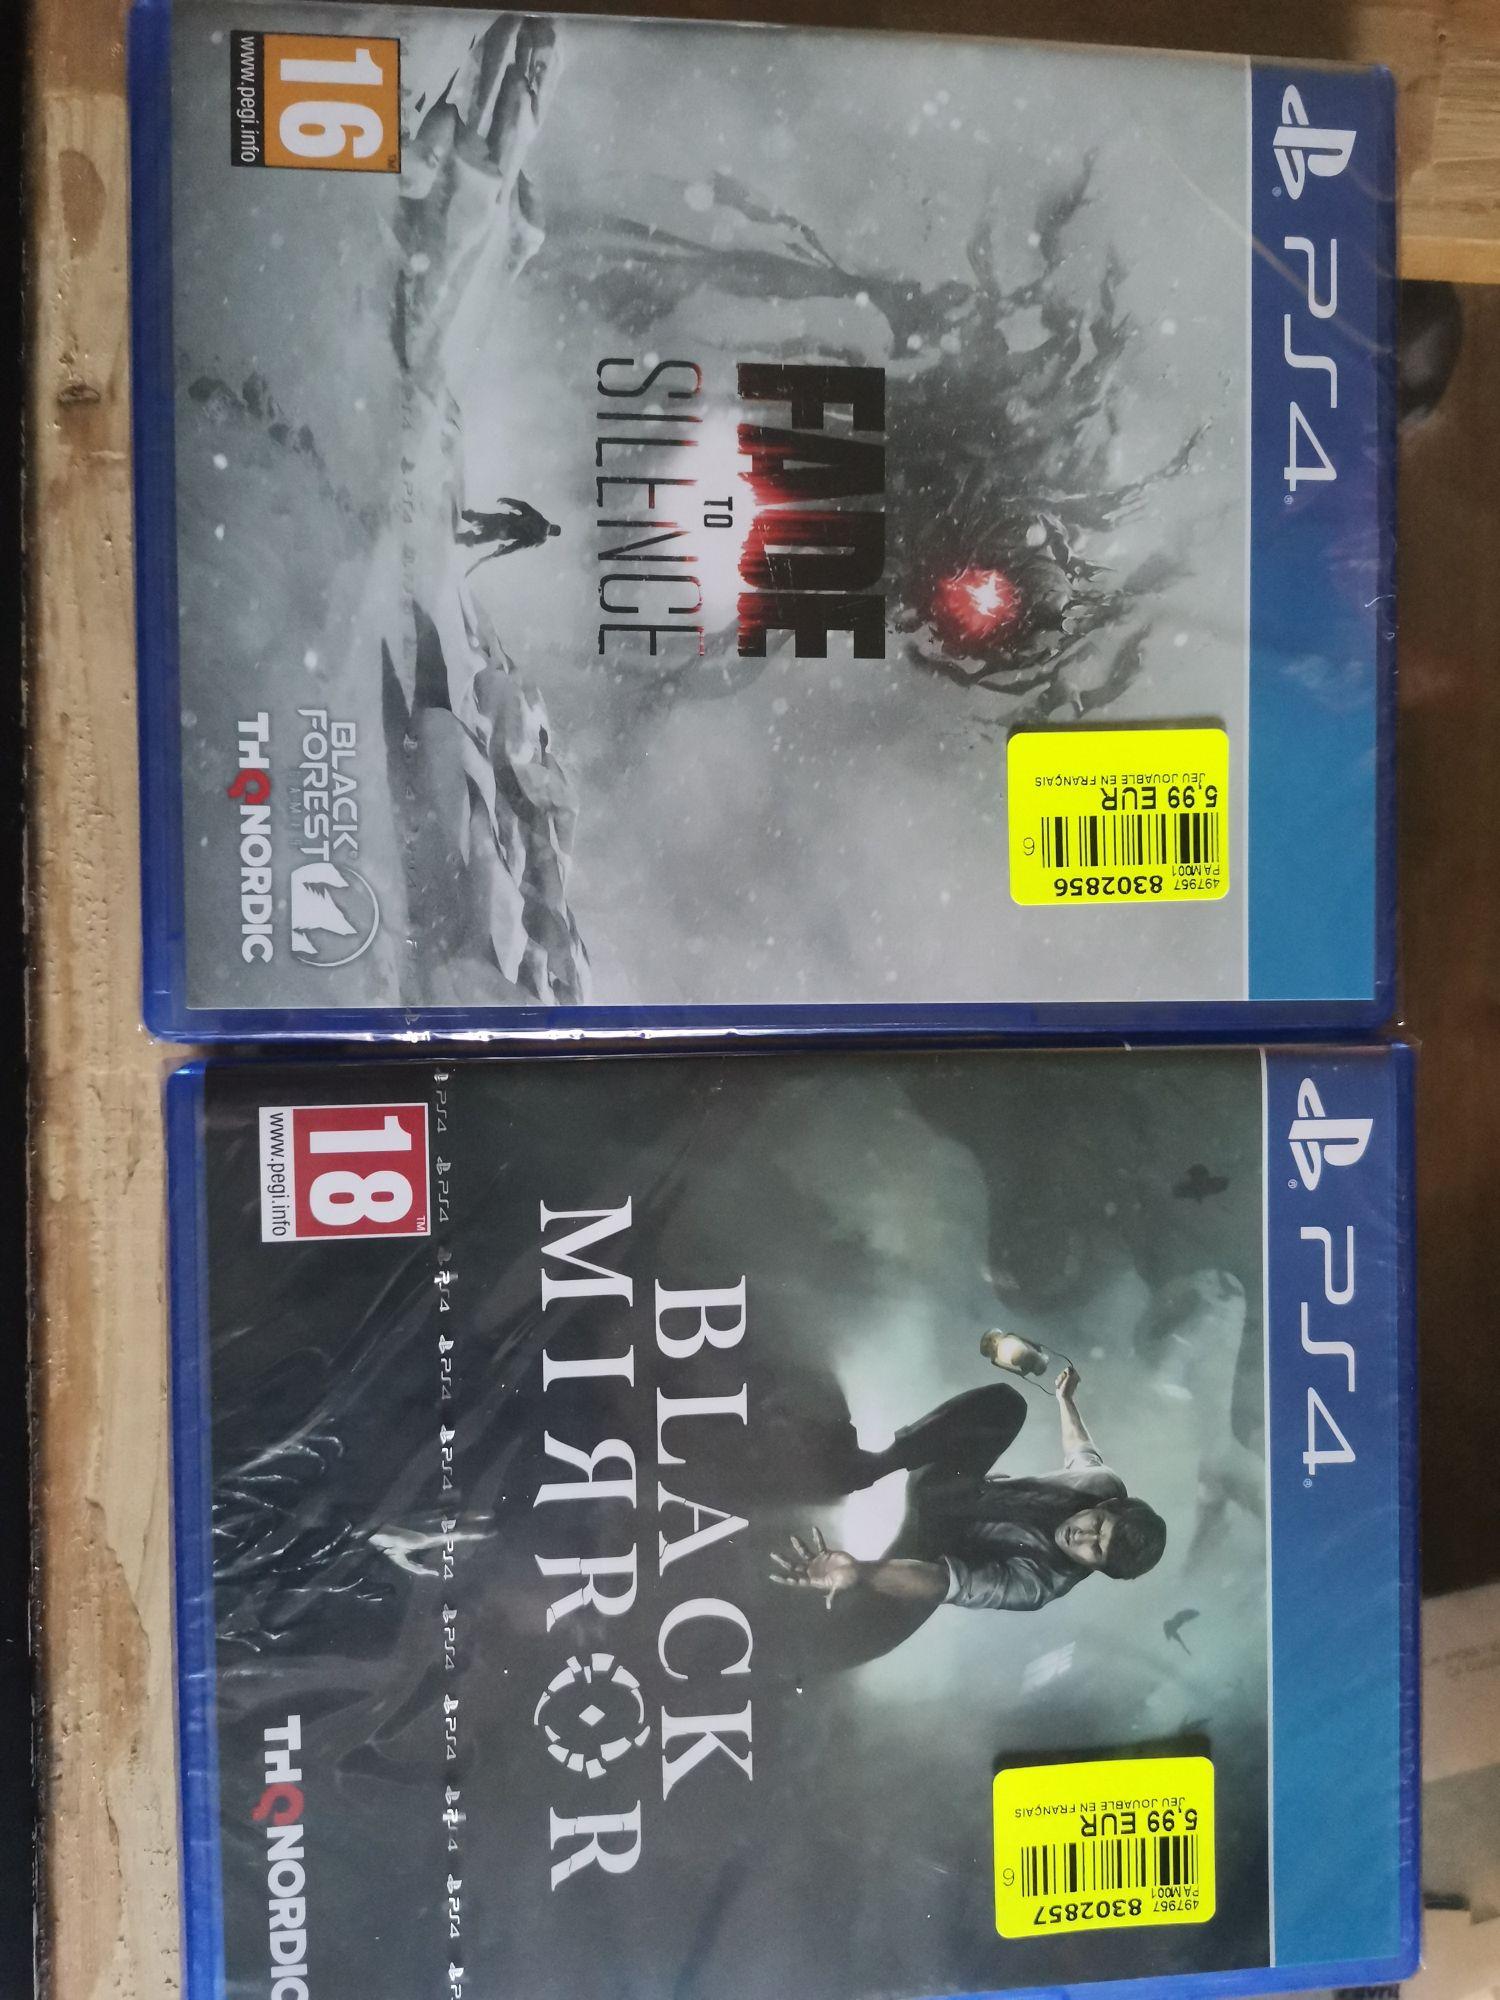 Sélection de jeux vidéo sur PS4 et Xbox One à 5.99€ - Ex : Black Mirror ou Fade to Silence